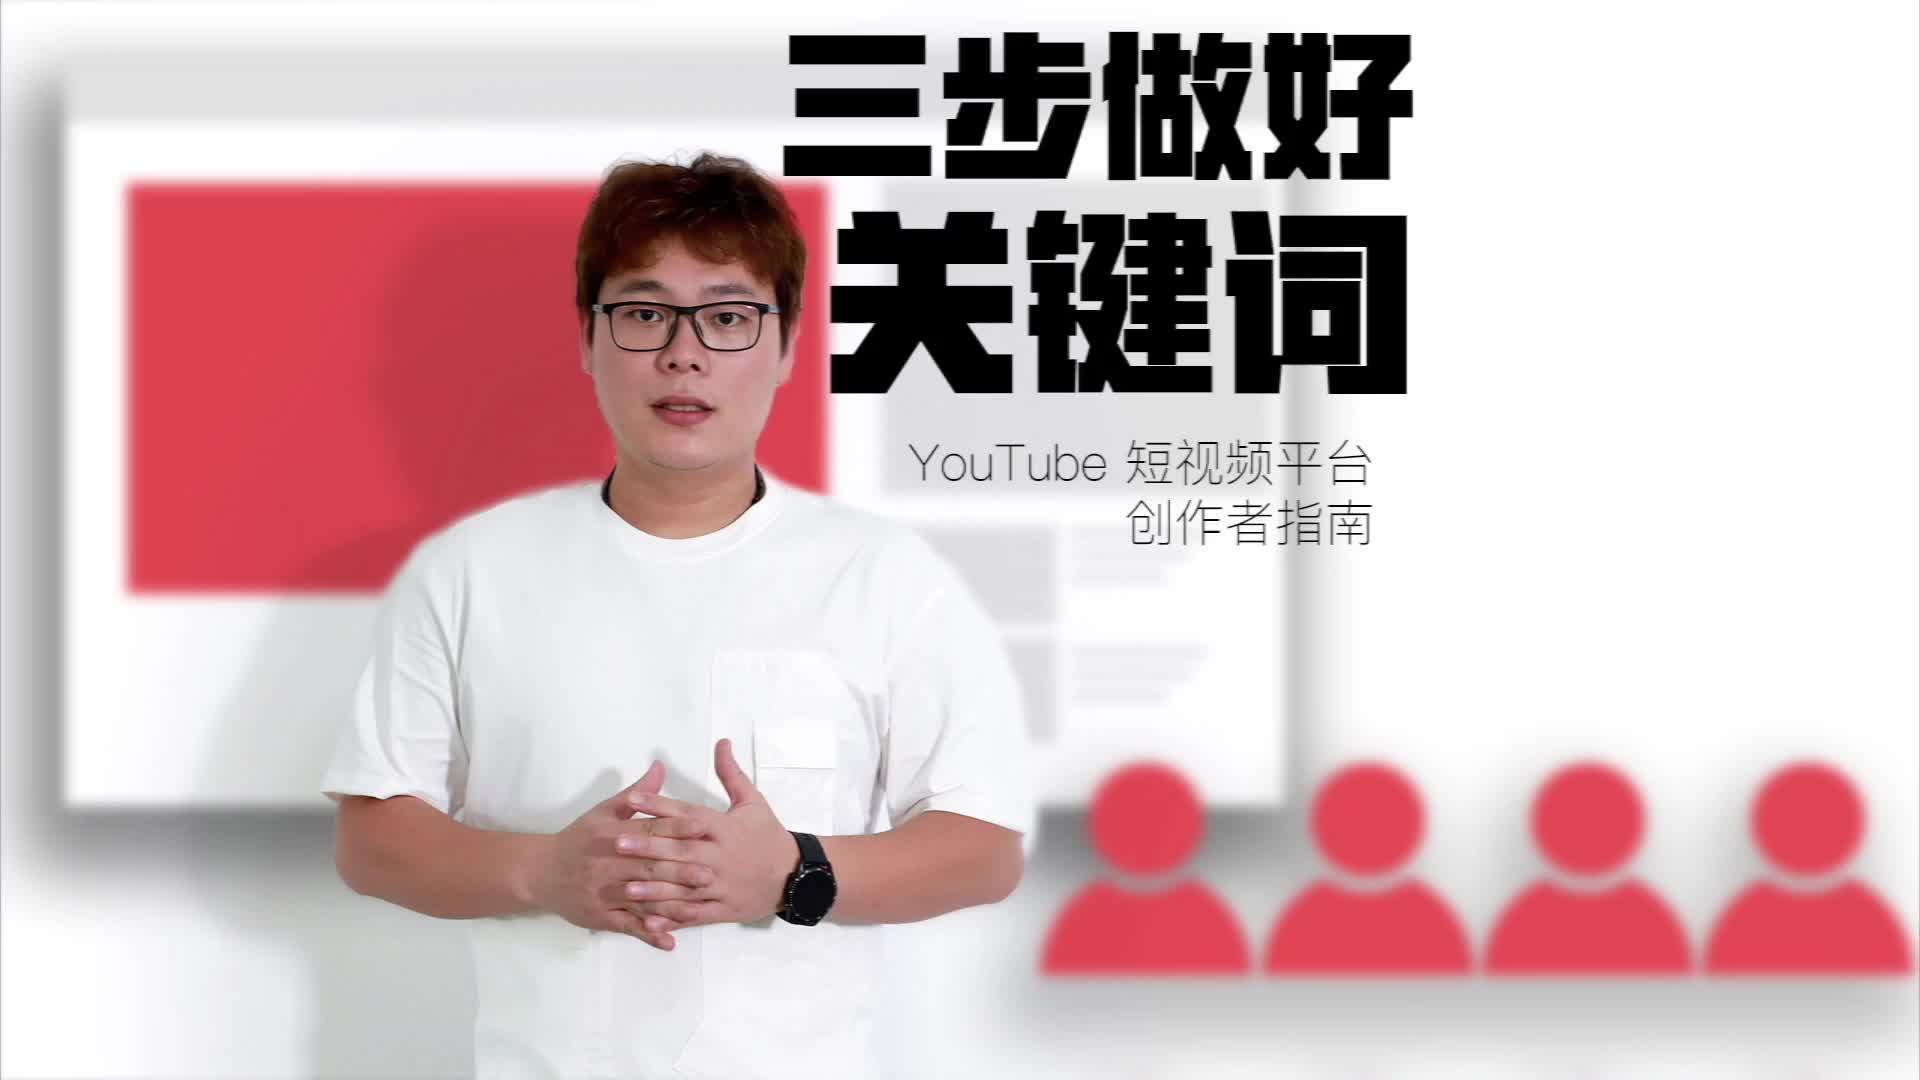 三步做好YouTube关键词获得最大流量2021